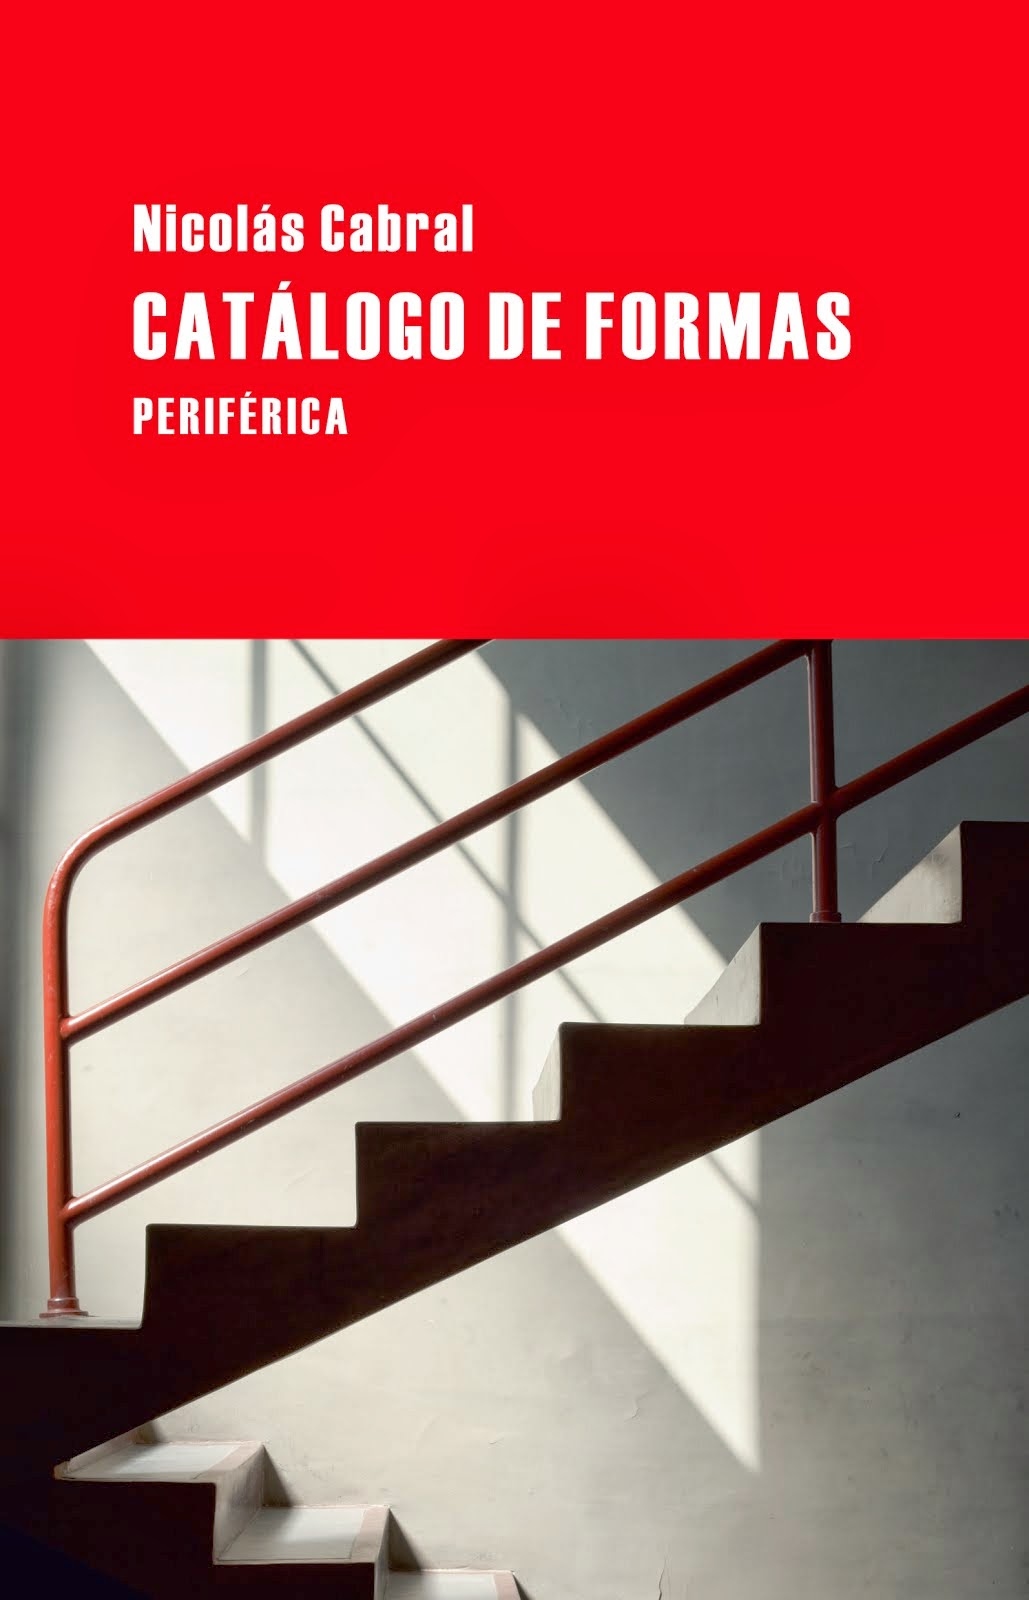 Catálogo de formas